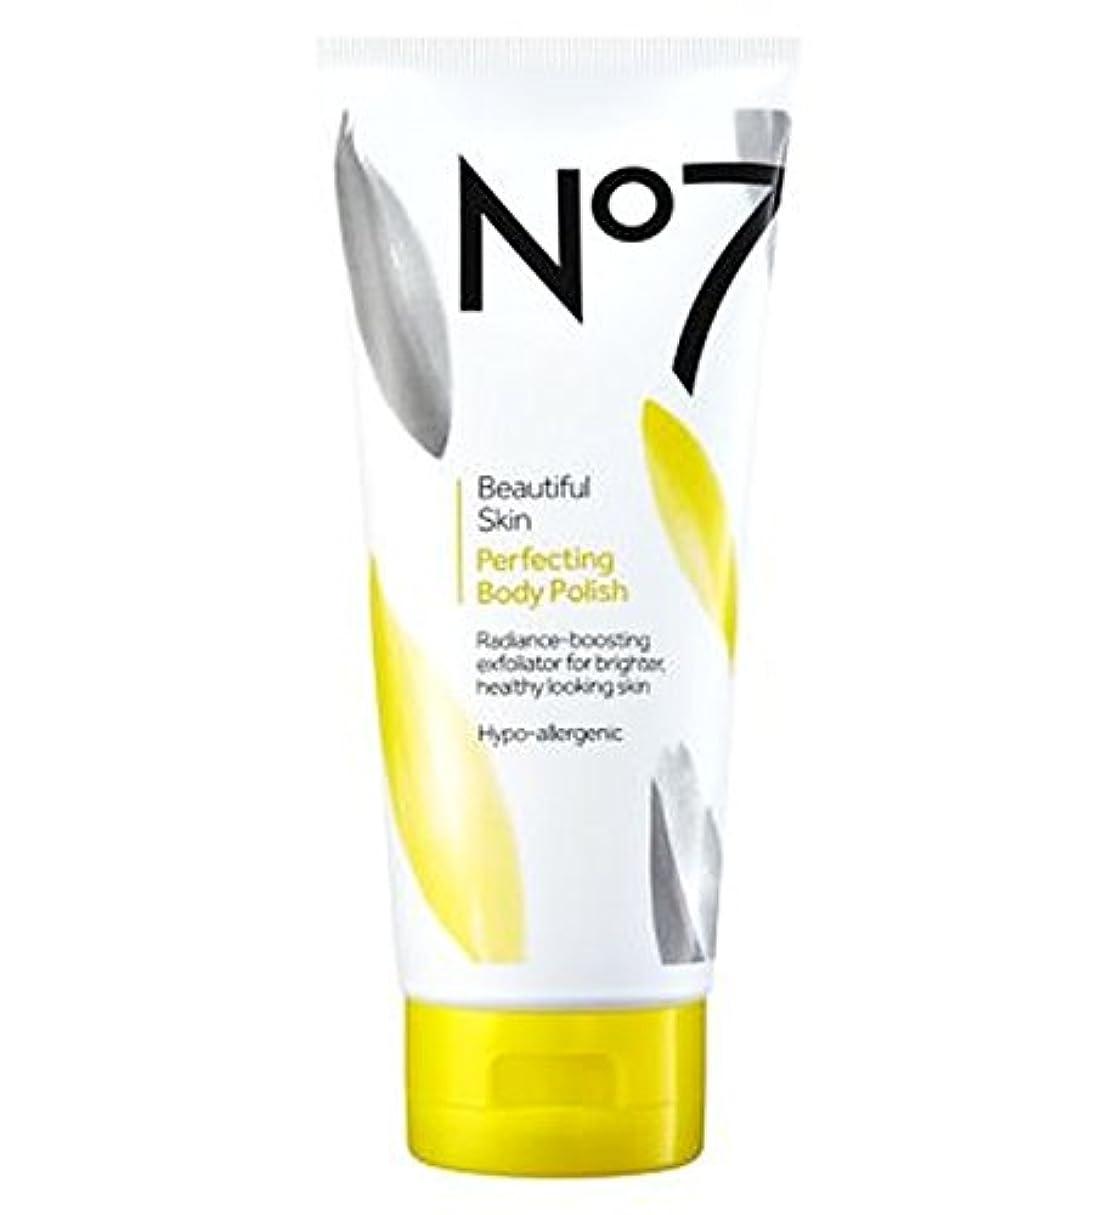 リーズ異なる霧ボディポリッシュを完成No7美肌 (No7) (x2) - No7 Beautiful Skin Perfecting Body Polish (Pack of 2) [並行輸入品]